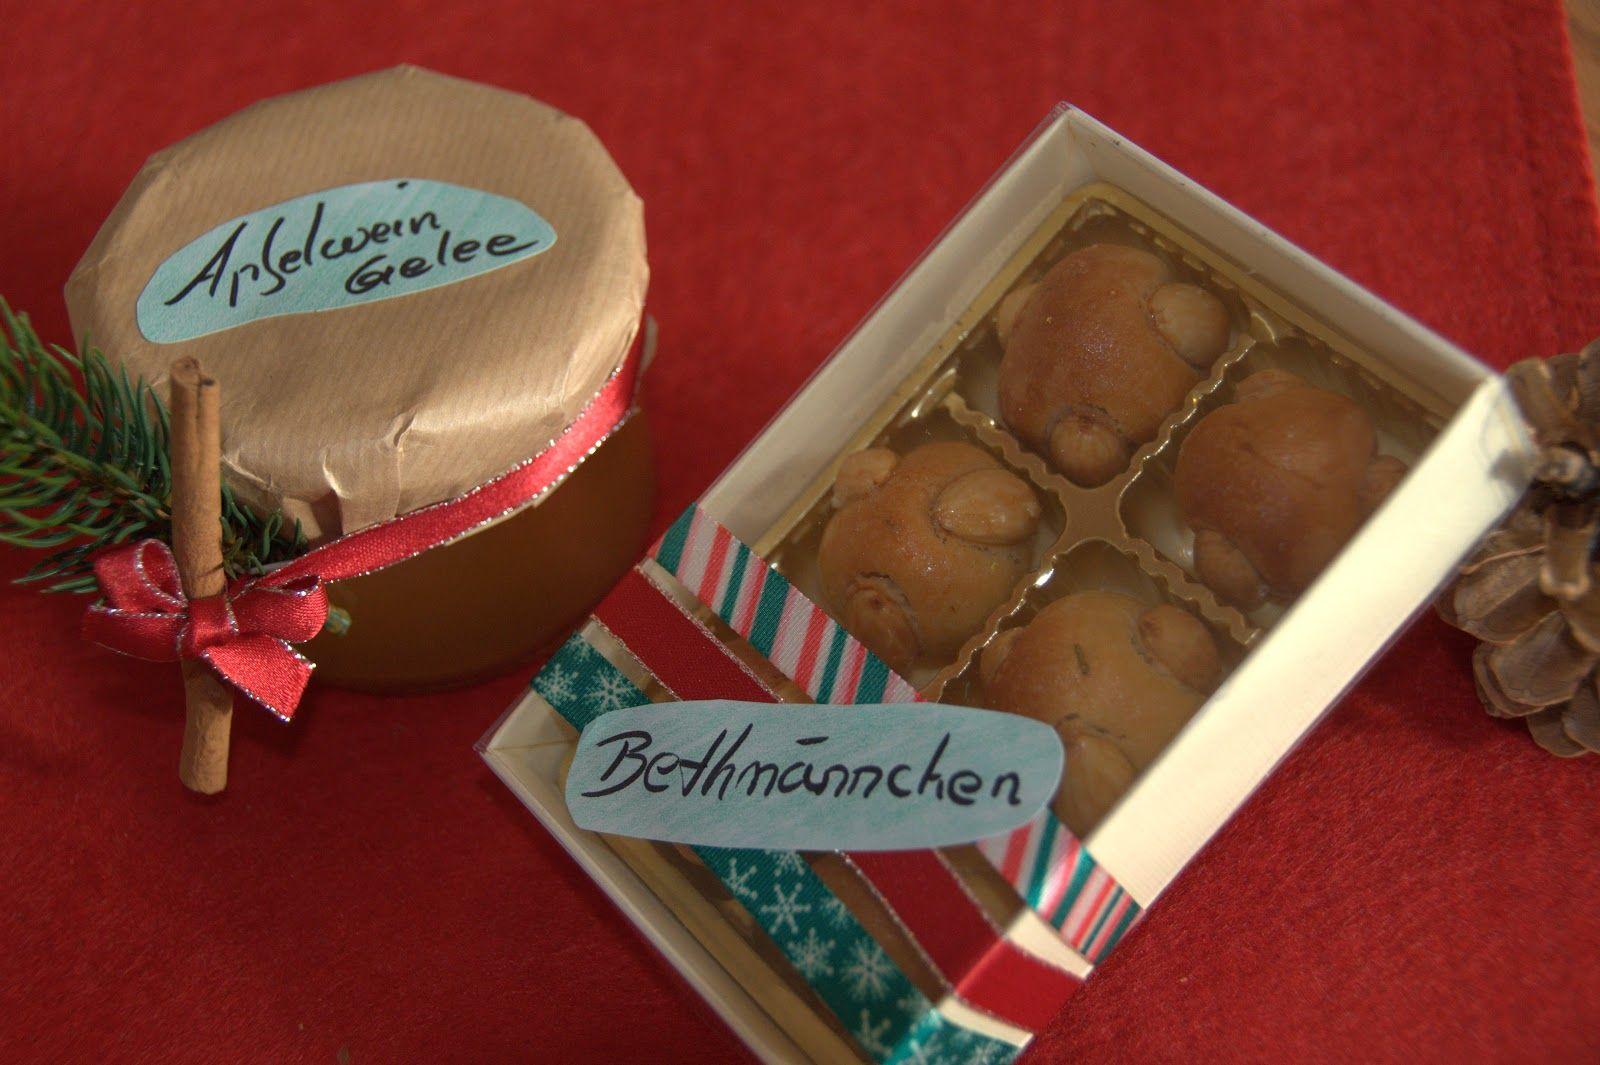 Apfelweingelee & Bethmännchen | In der Weihnachtsschickerei ...